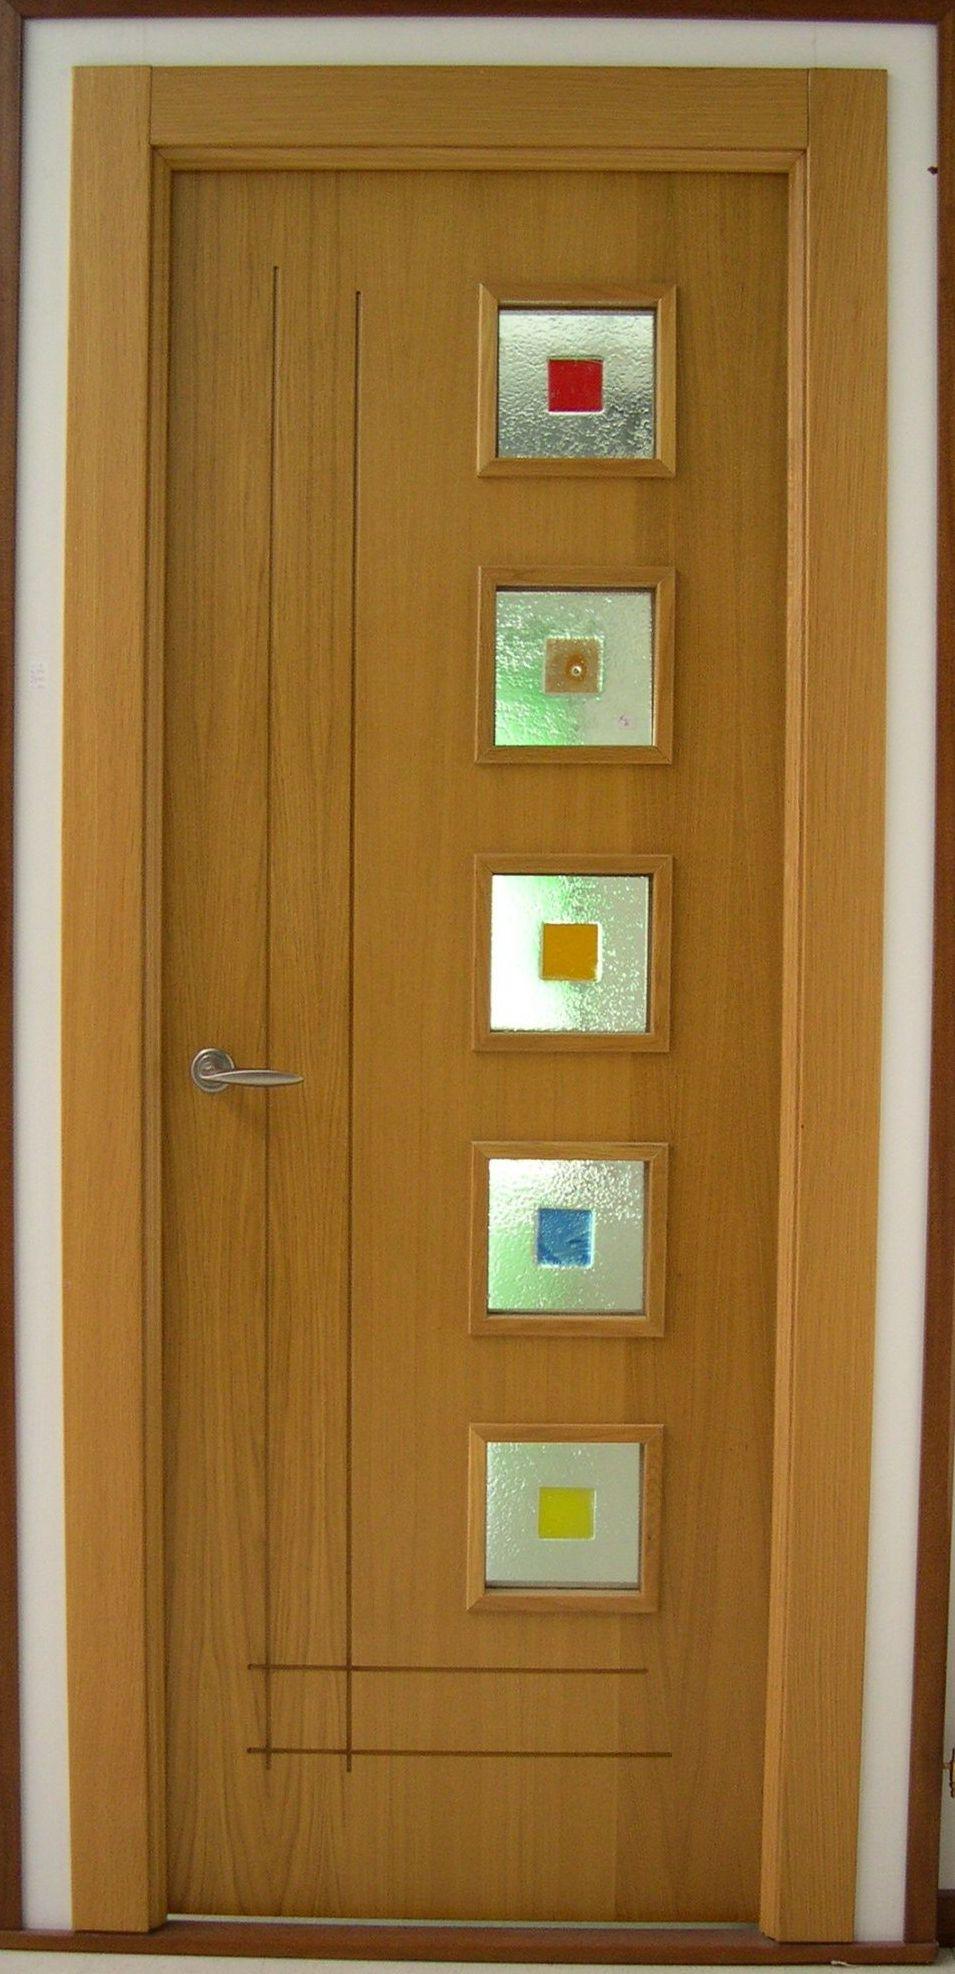 Vidrio fusing cat logo de puertas y armarios videco for Puertas y armarios